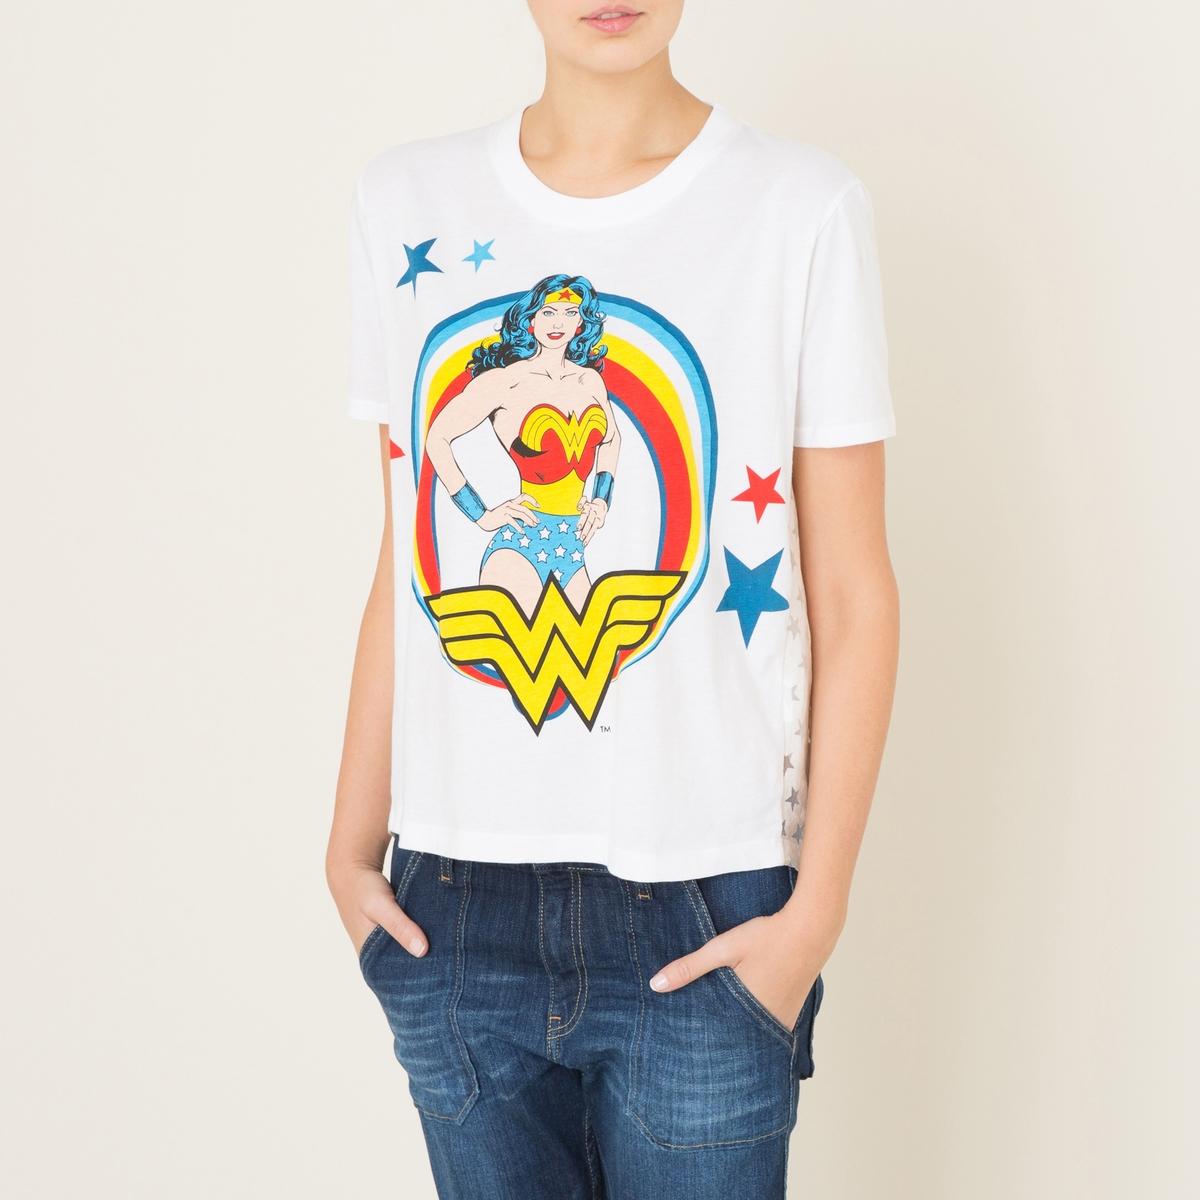 Футболка WONDERФутболка укороченная PAUL AND JOE SISTER - модель WONDER с надписью Wonder Woman и рисунком звезды сзади. Круглый вырез. Короткие рукава. Рисунок спереди. Спинка из ткани с вытравленным рисунком звезды. Отрезная деталь со сборками сзади.Состав и описание    Материал : джерси, 100% хлопок.   Спинка: 81% вискозы, 19% полиамидаМарка : PAUL AND JOE SISTER<br><br>Цвет: белый<br>Размер: XS